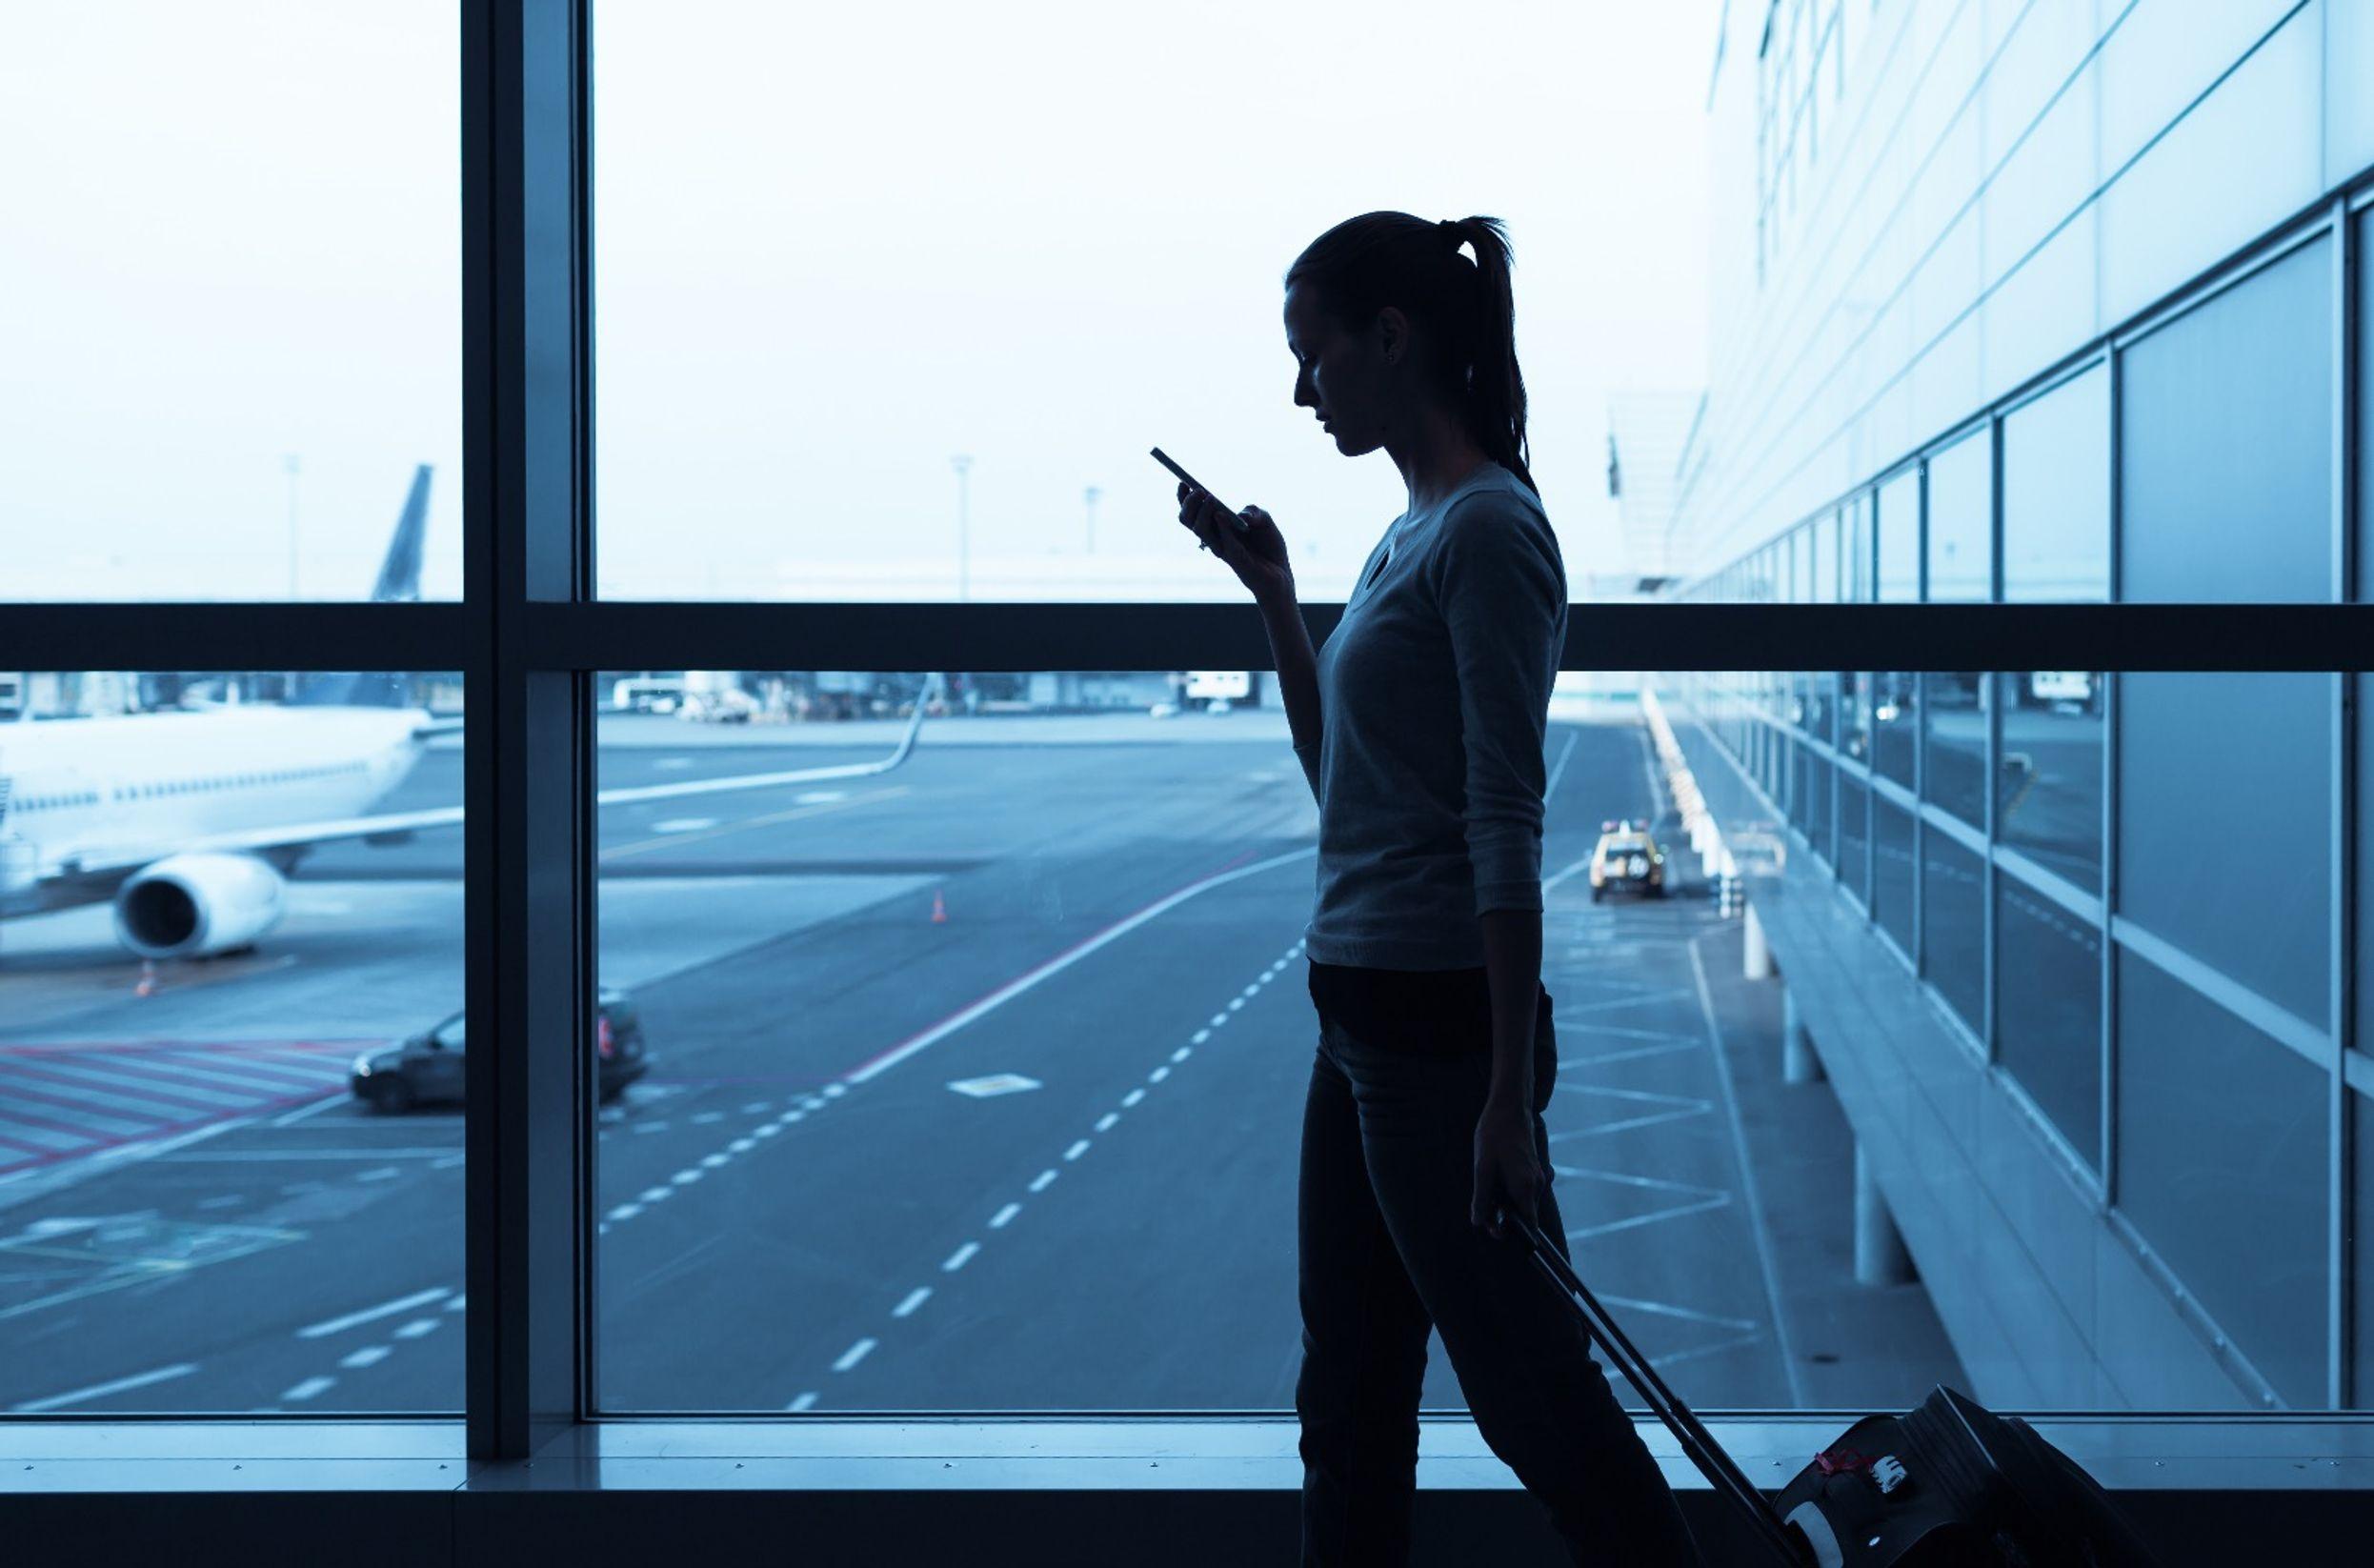 Opuszczenie lotniska w czasie przesiadki